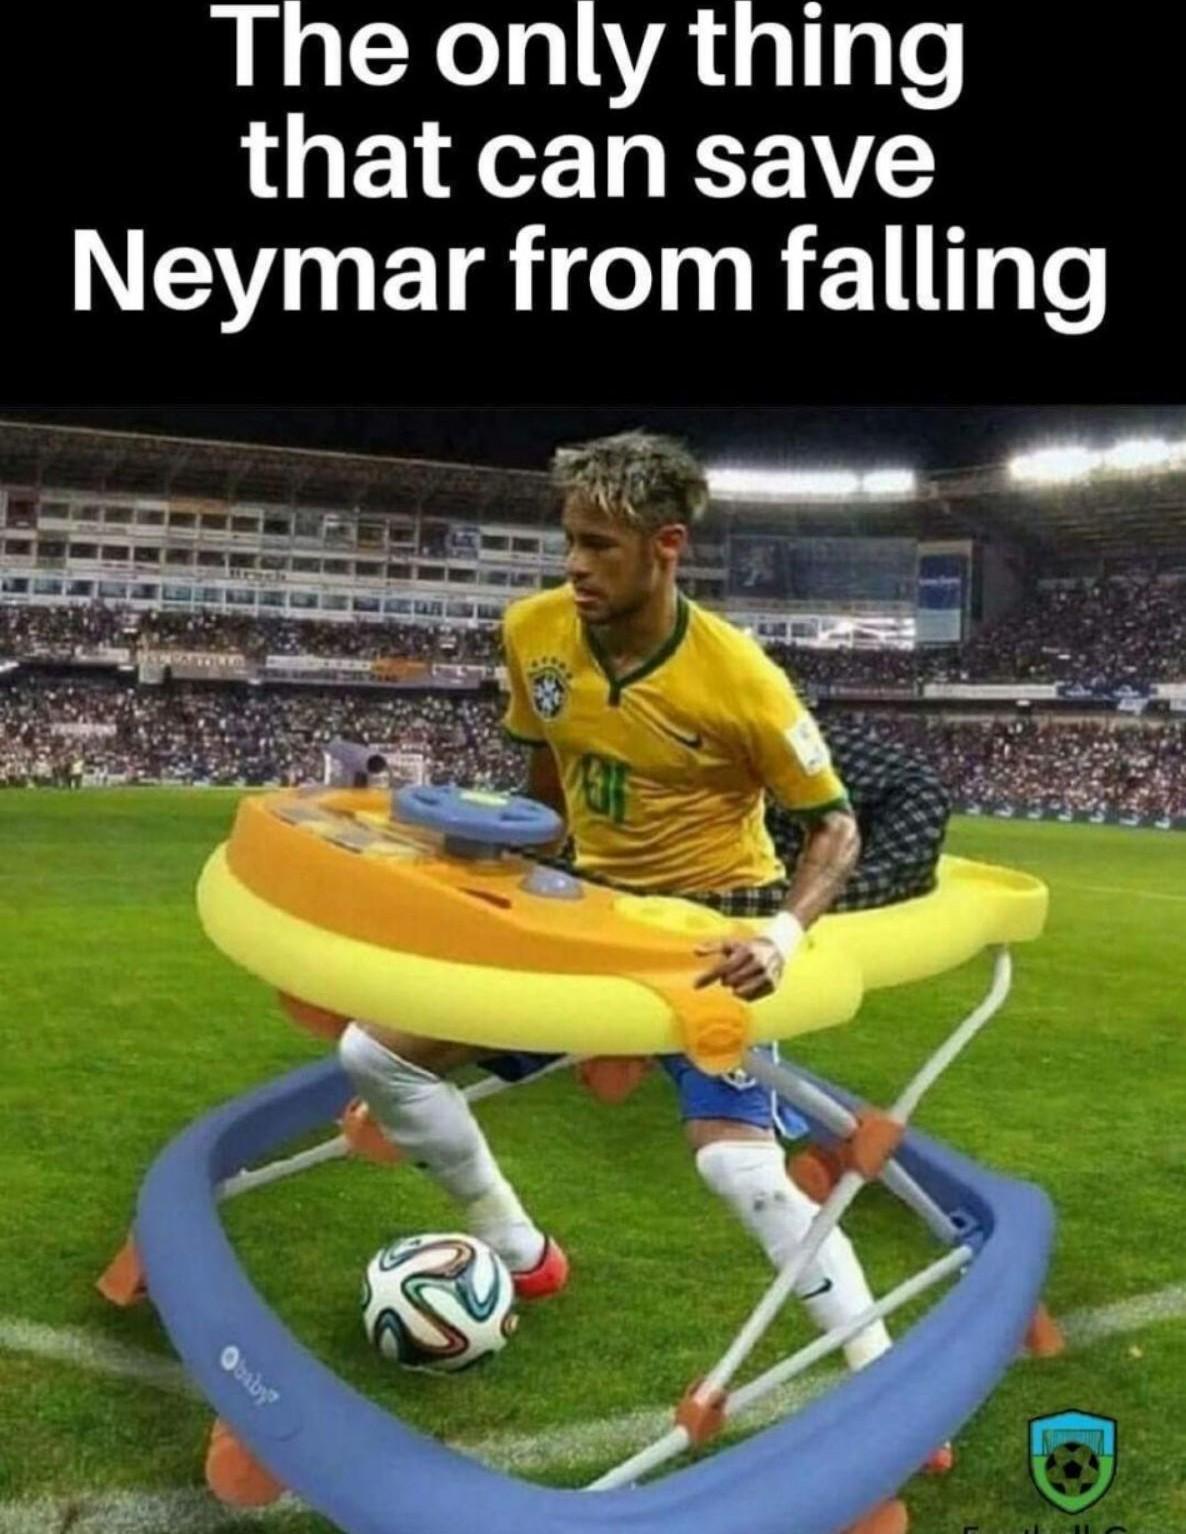 Neymar a kid - meme